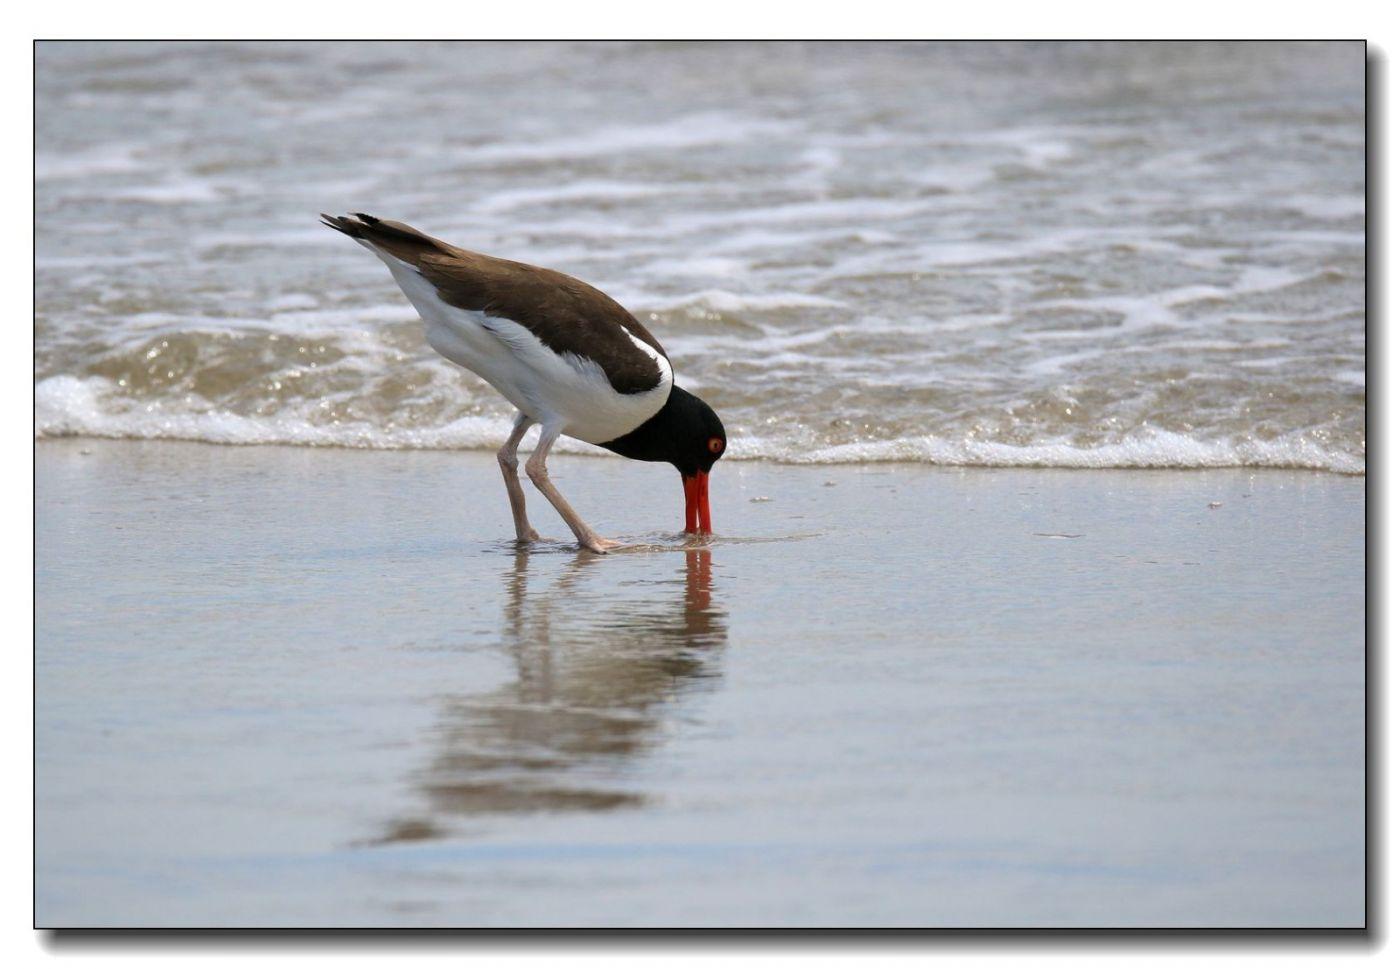 洛克威海滩拍鸟—励鹬_图1-7